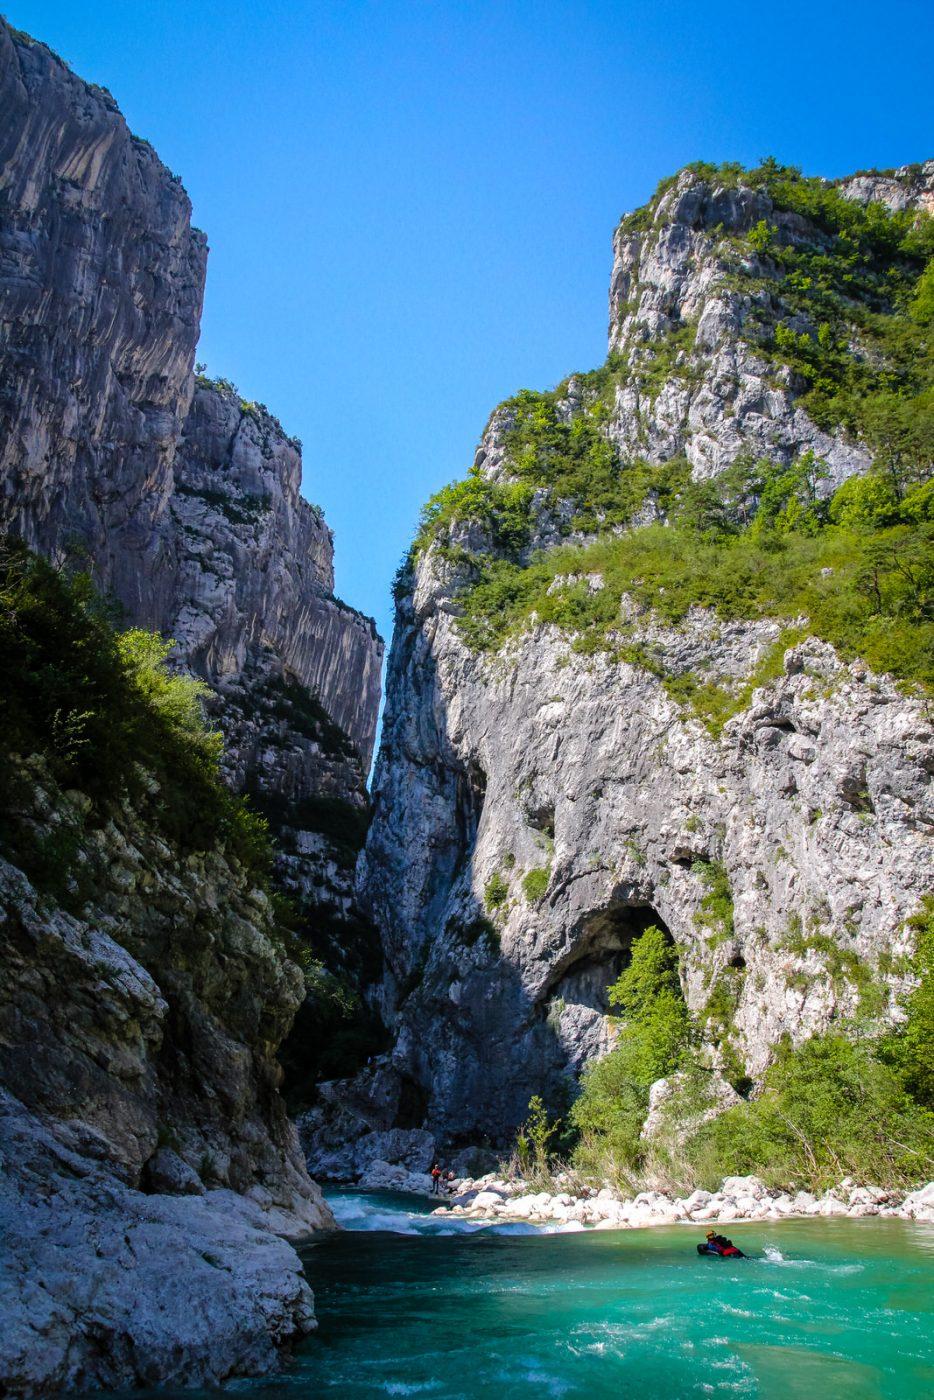 Découvrez le Grand Canyon du Verdon en Hydrospeed